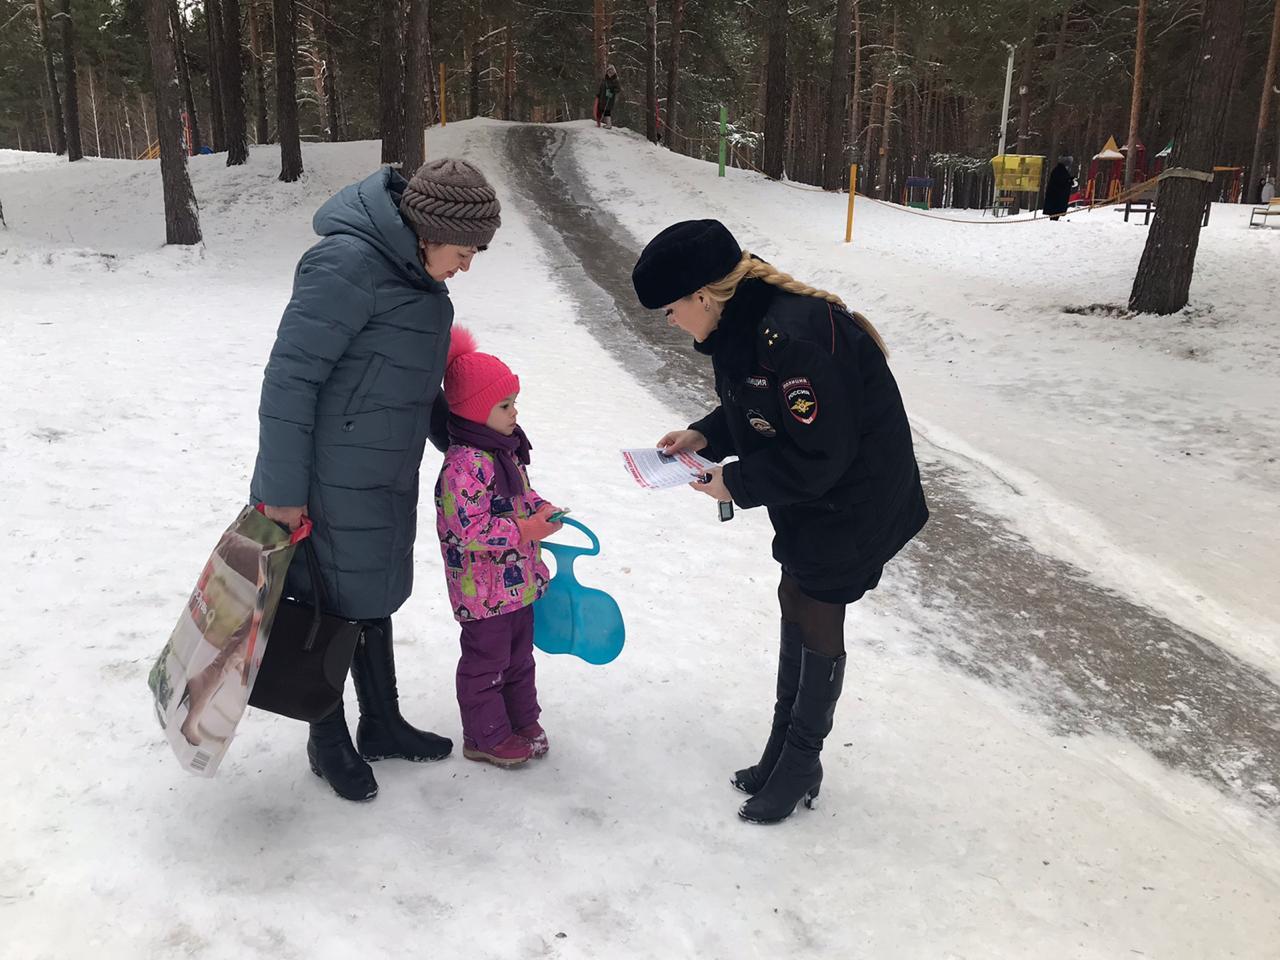 Сотрудники Госавтоинспекции Волжска проверяют снежные горки и проводят с детьми беседы